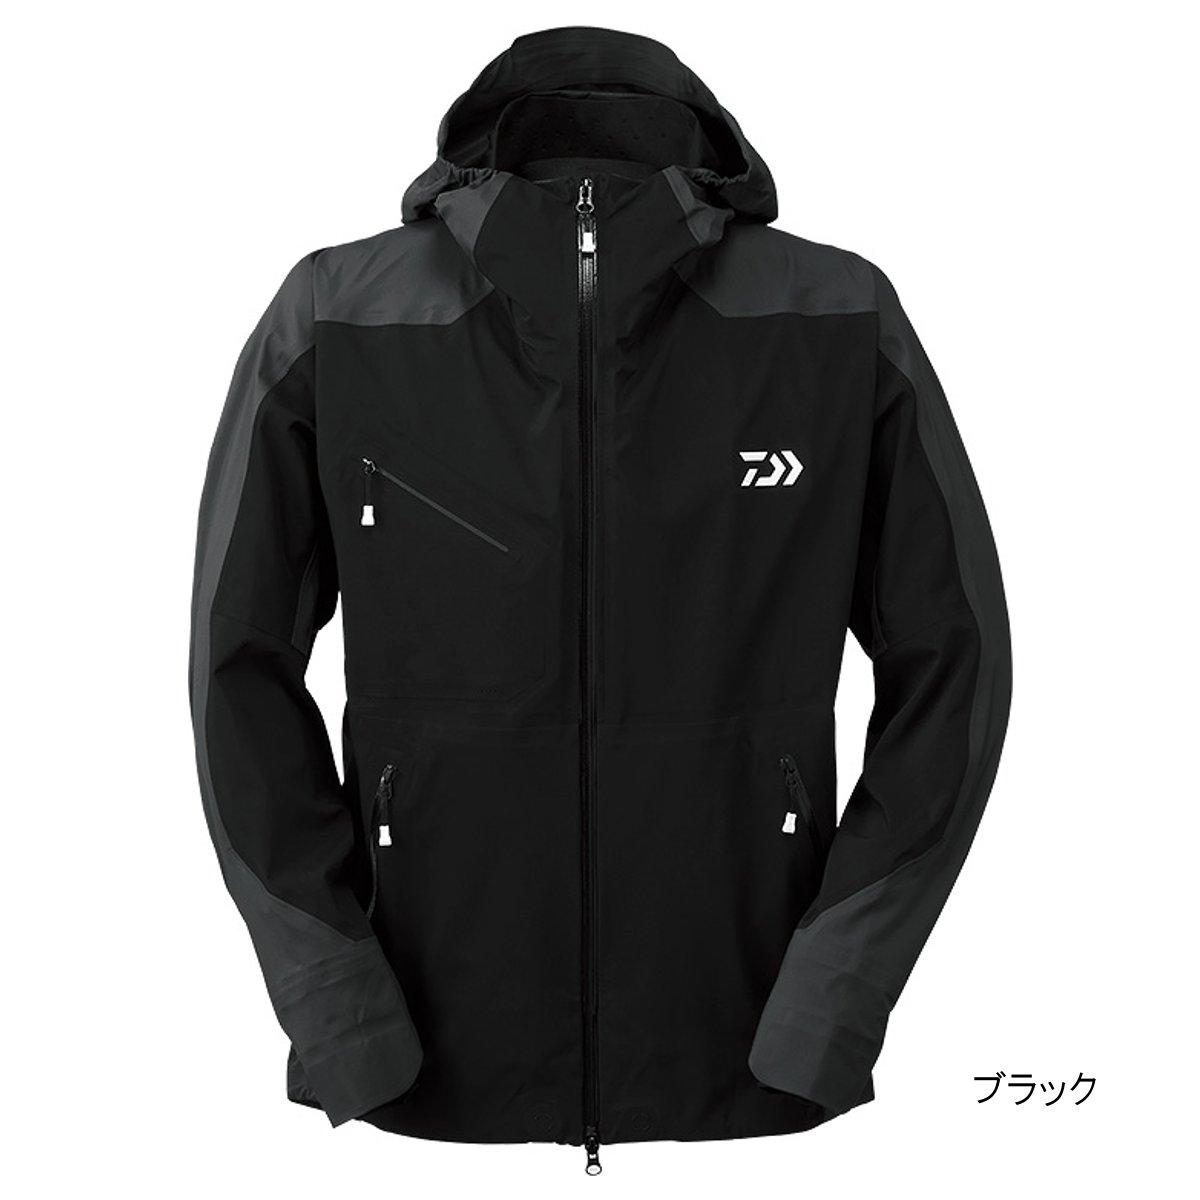 ダイワ ポーラテック ネオシェル ハイブリッドレインジャケット DR-20009J XL ブラック(東日本店)